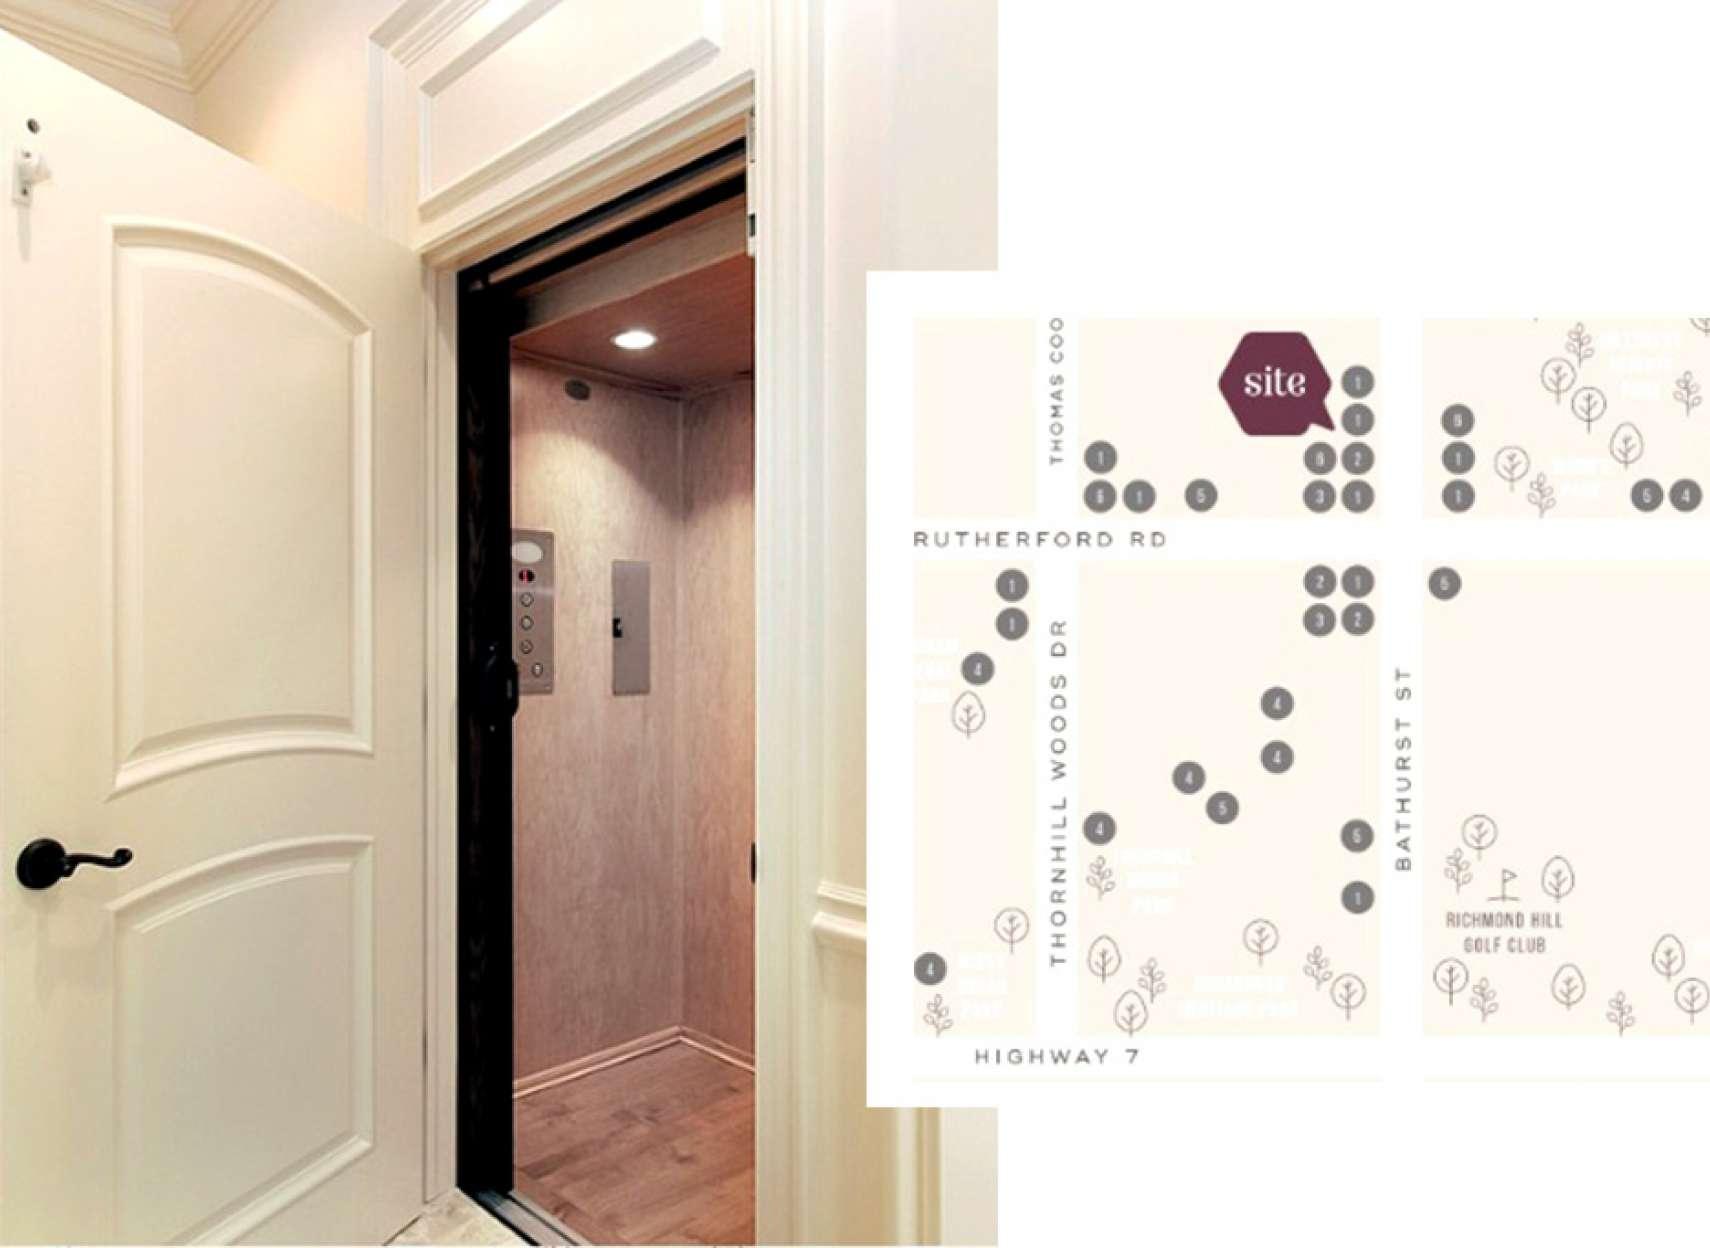 املاک-سیروسی-پیشفروش-تاونهاوس-بدون-شارژ-و-آپارتمان-در-تورنهیل